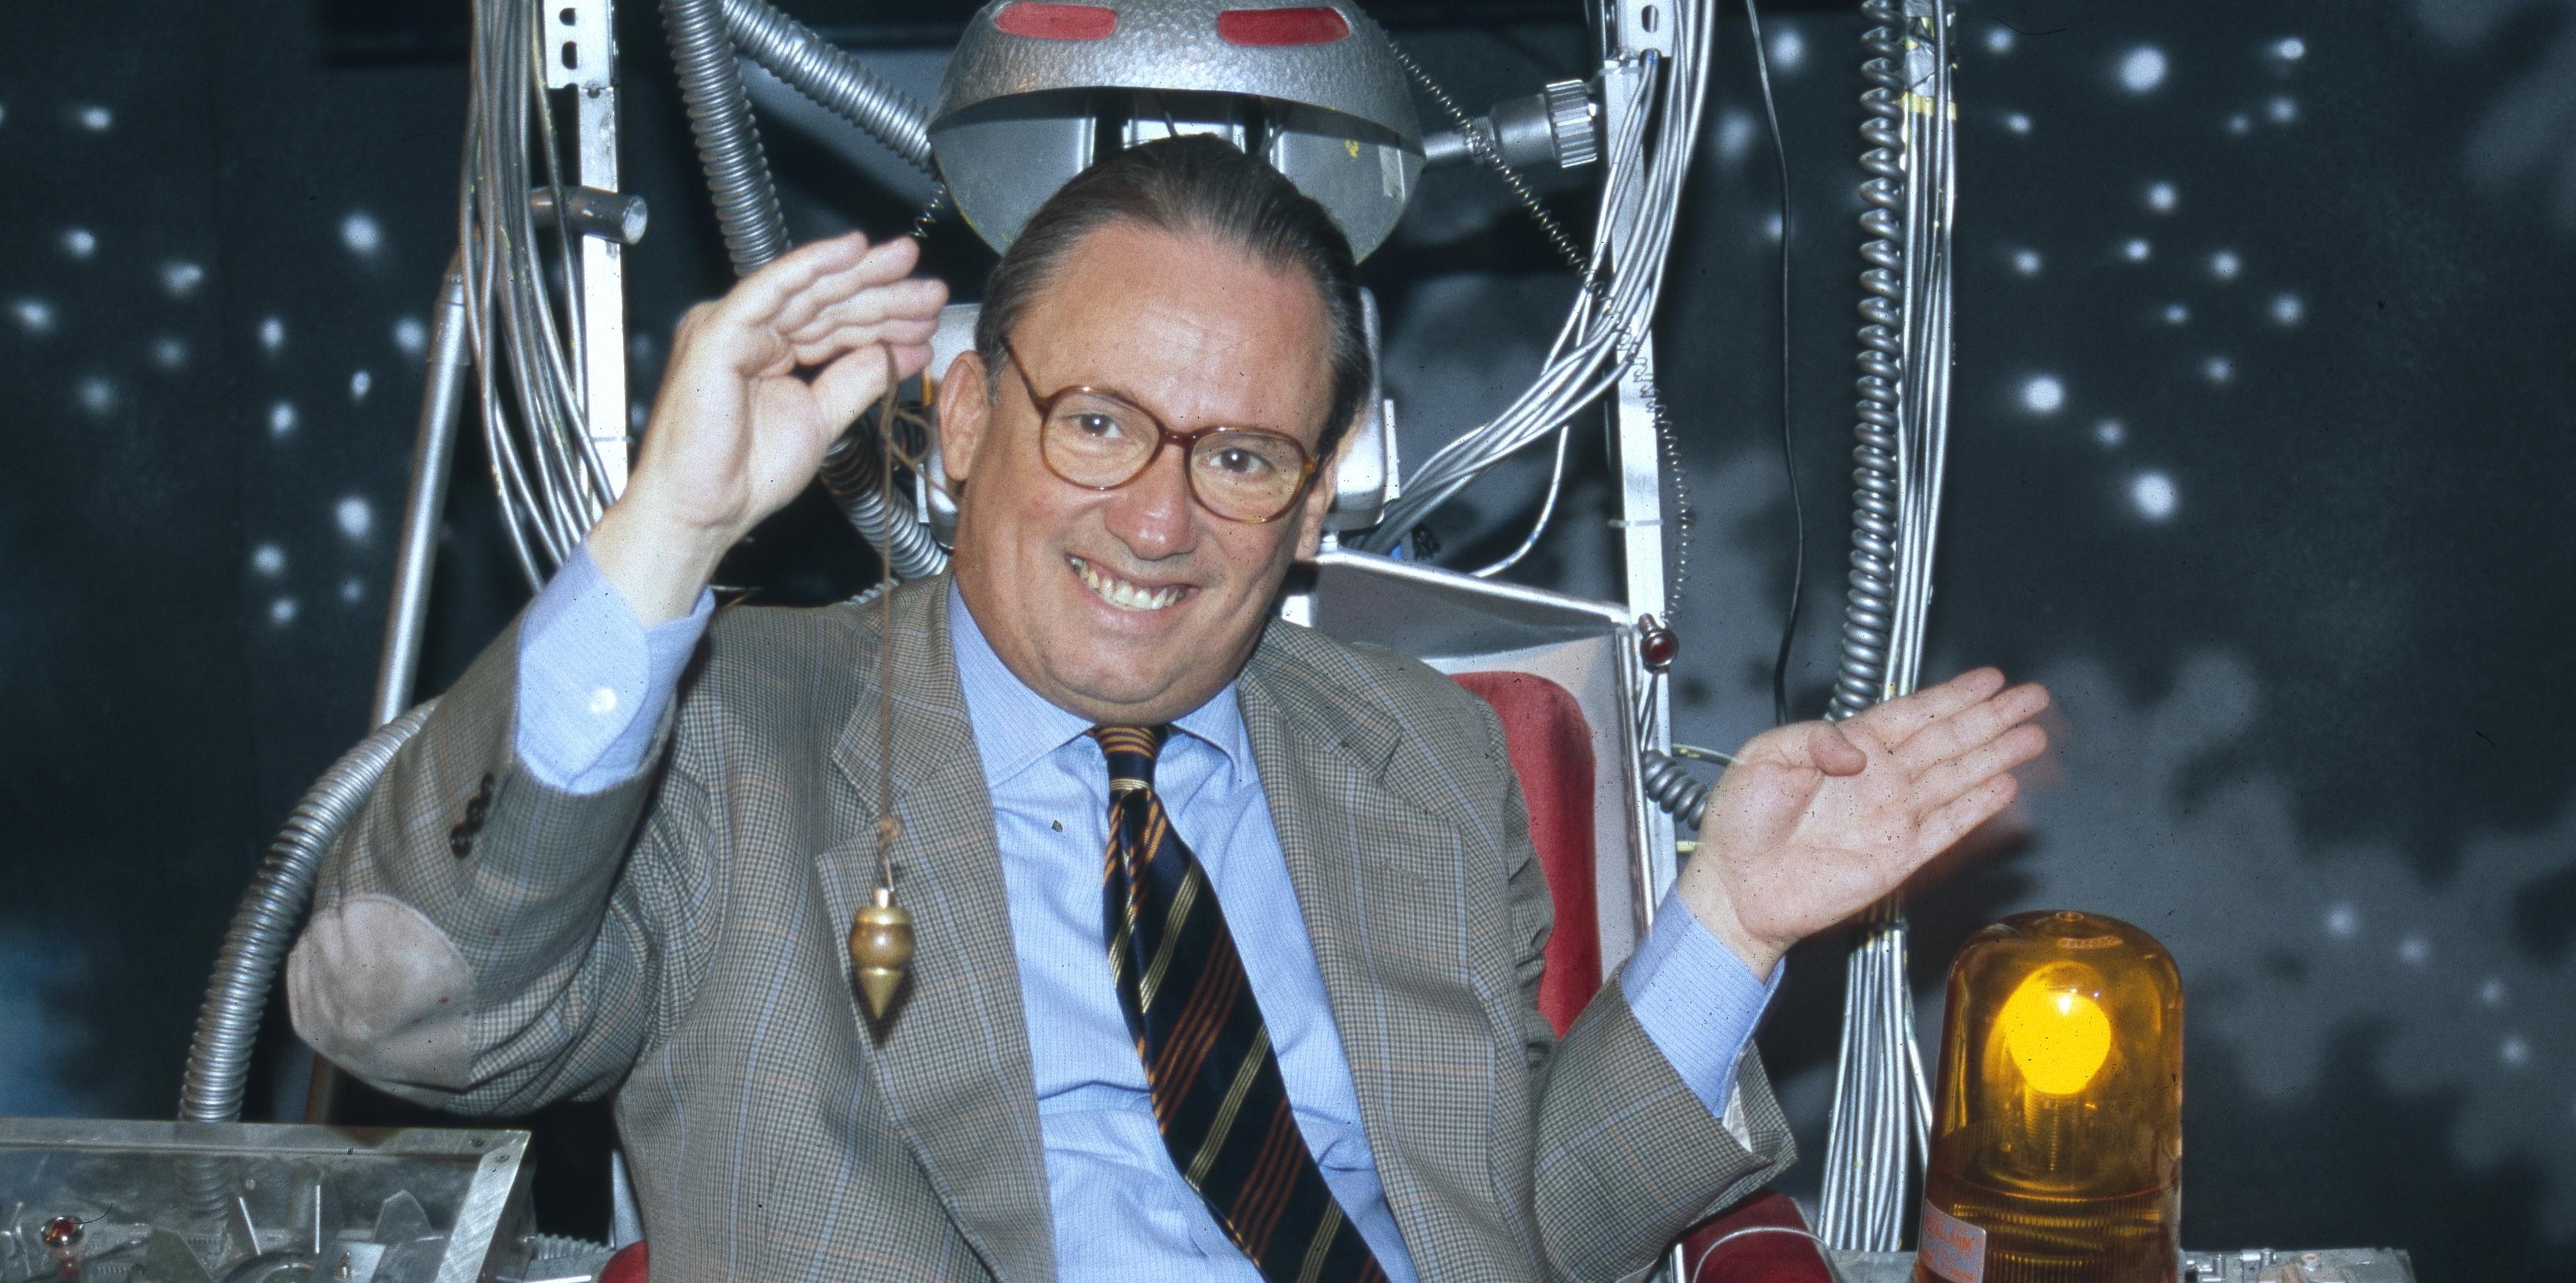 """10 anni fa ci lasciava Maurizio Mosca: eccolo nel famoso """"Arresto in diretta"""""""